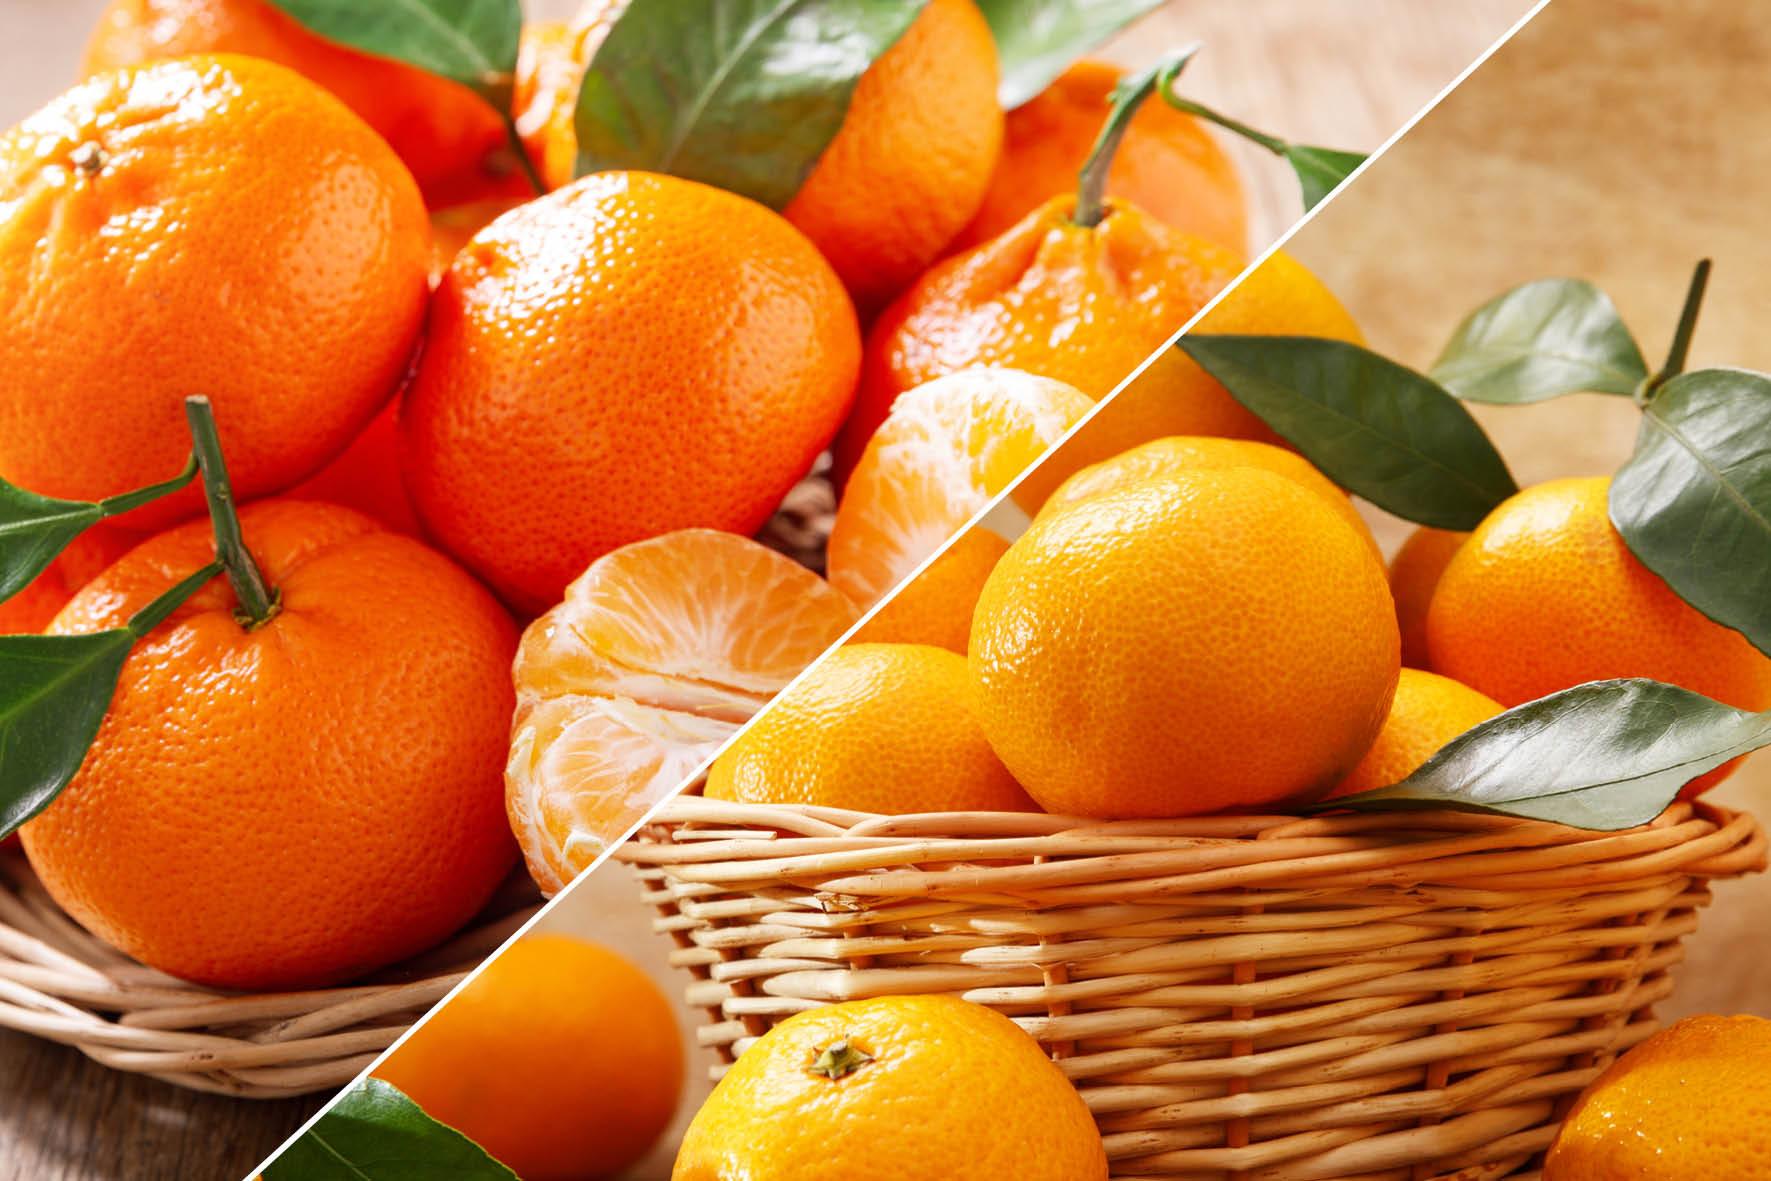 Mandarini e Clementine: conoscere le differenze